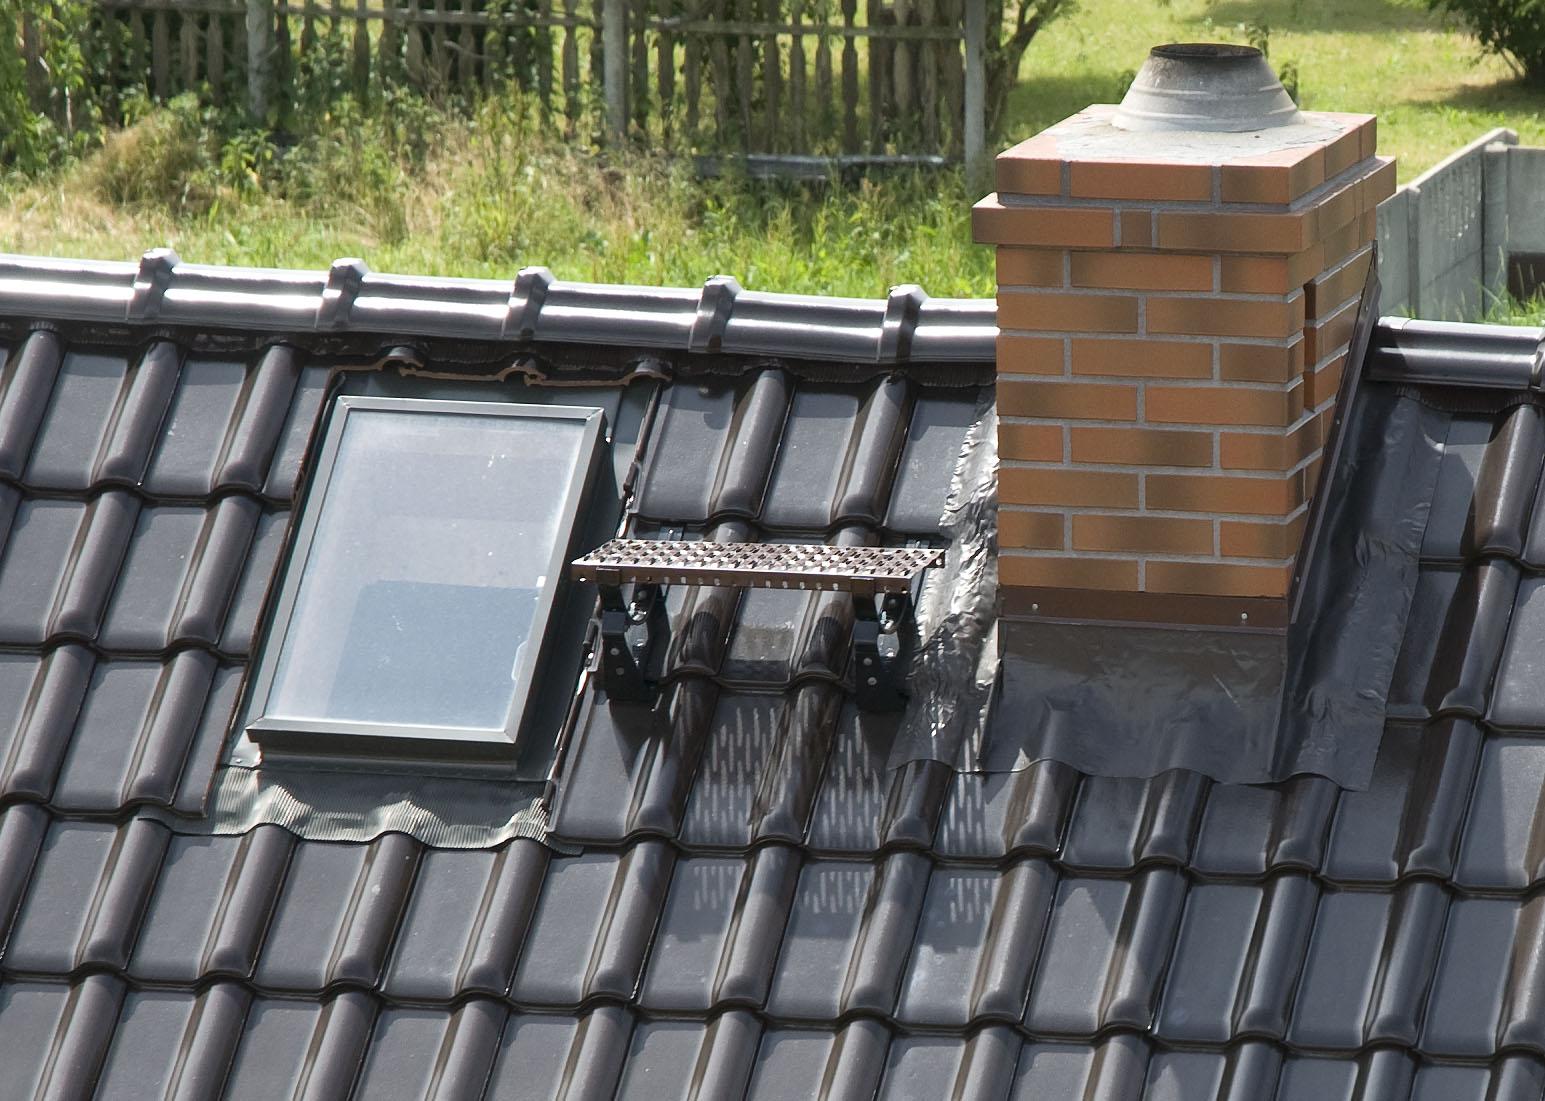 ausstiegsfenster 47x73 wvd versa aussteiger dachausstieg kaltr ume dachfenster ebay. Black Bedroom Furniture Sets. Home Design Ideas